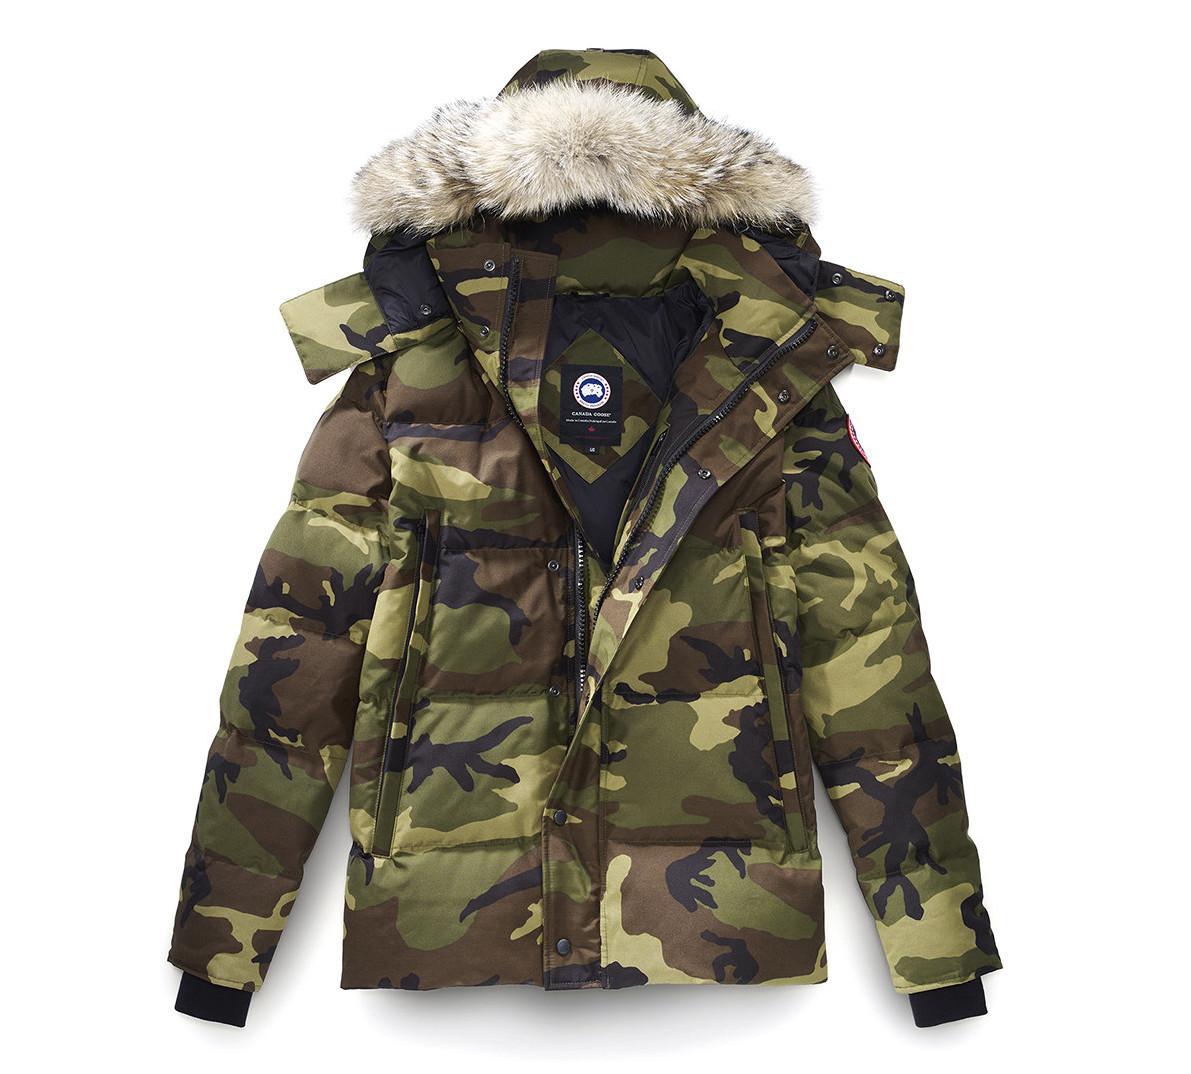 Camouflage Canada Goose Jacket